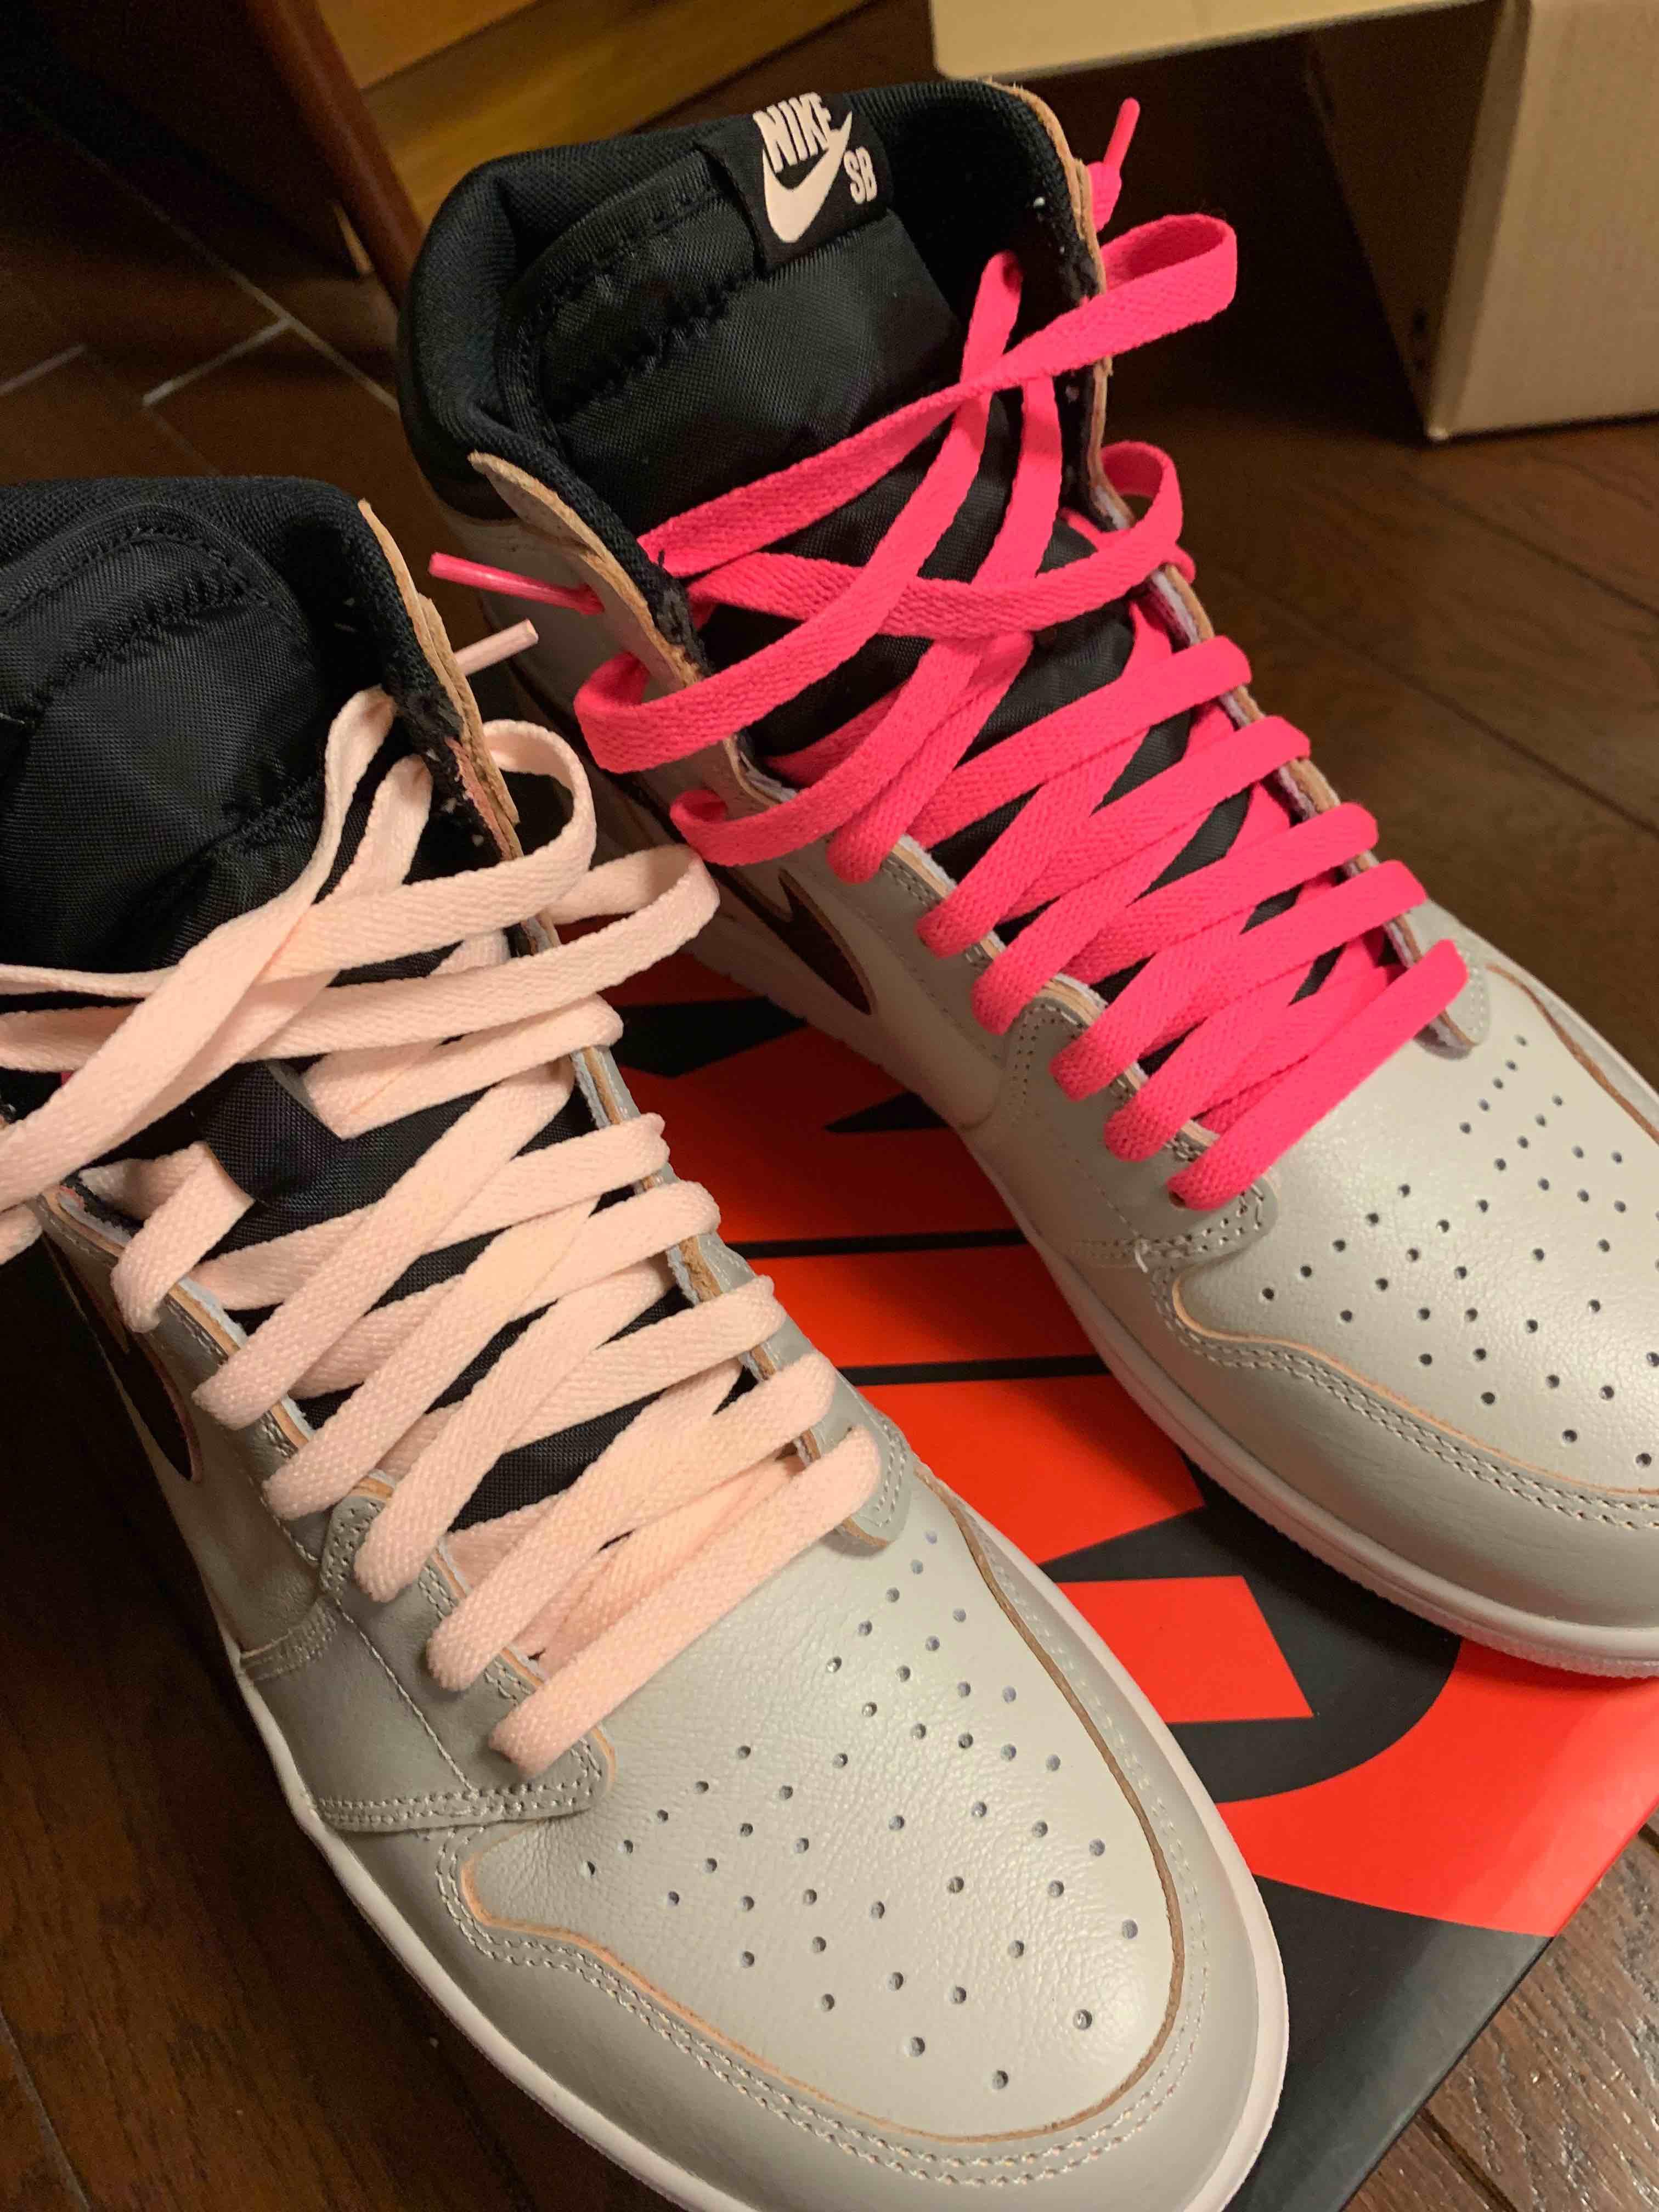 靴紐左右で変えてみましたー個人的にはいい感じですが皆さんはどう思いますか?